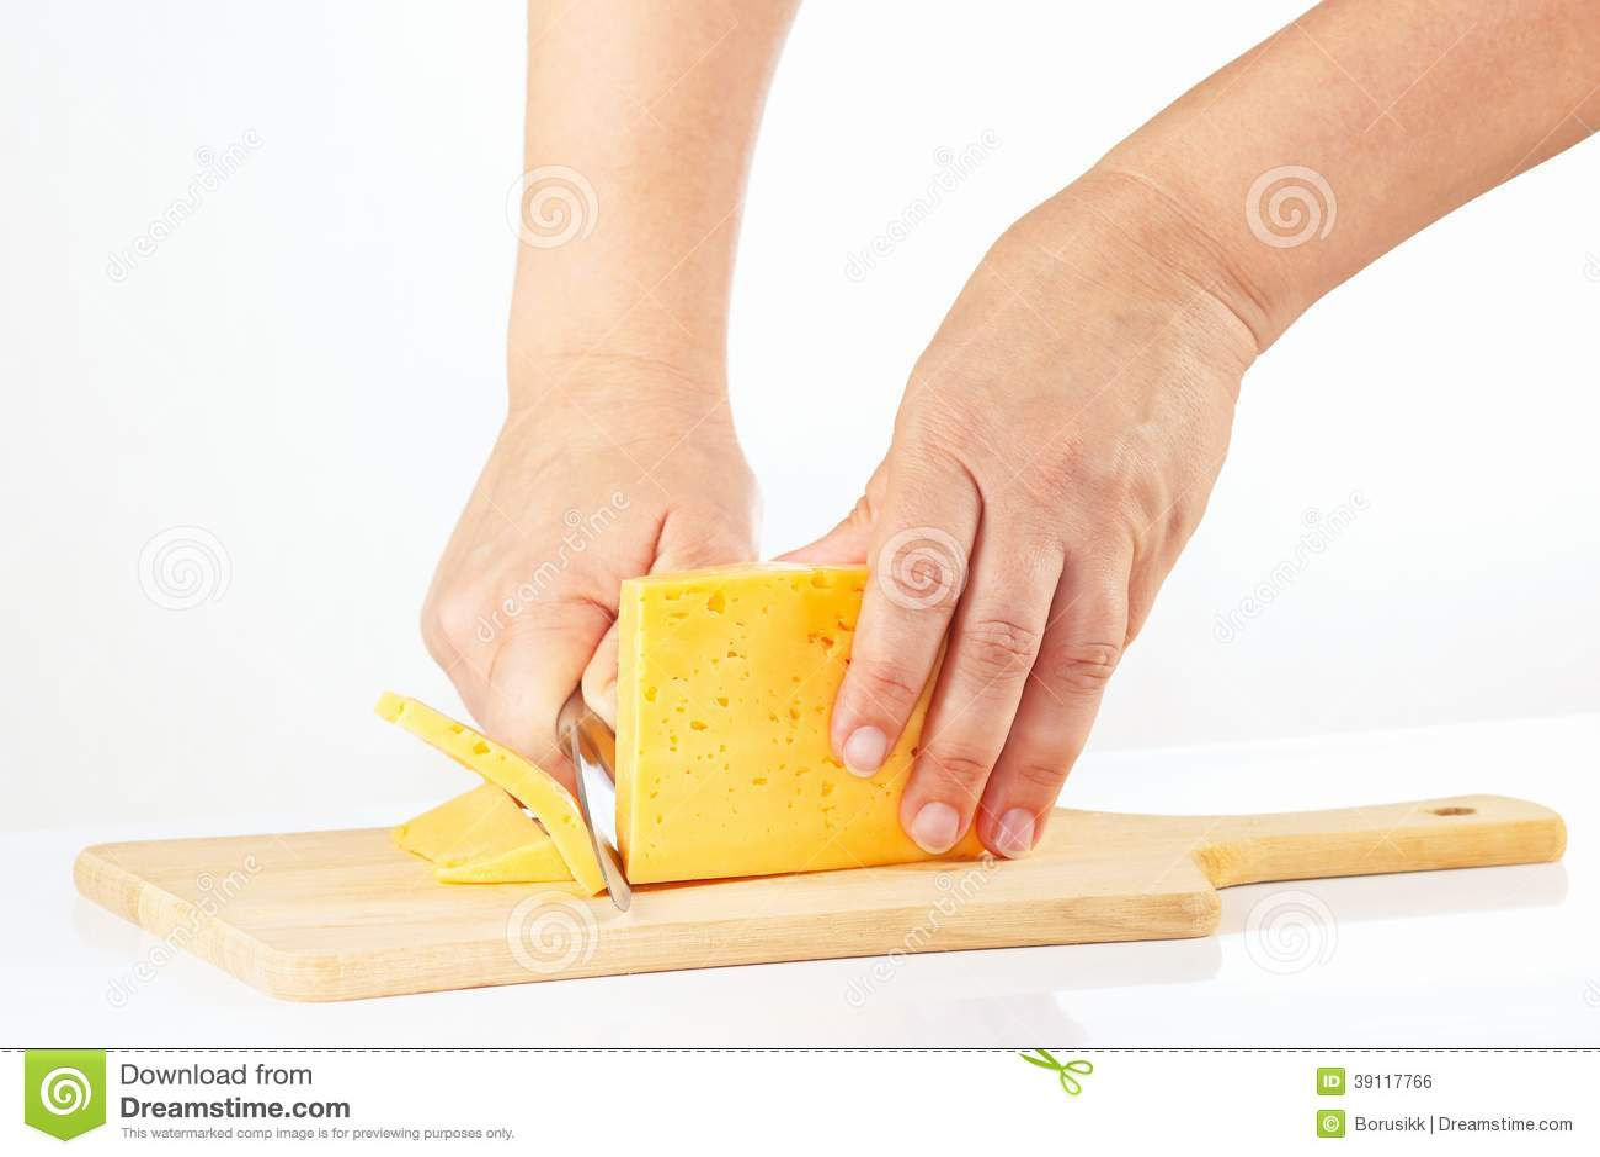 De hand van vrouwen met een mes gesneden kaas